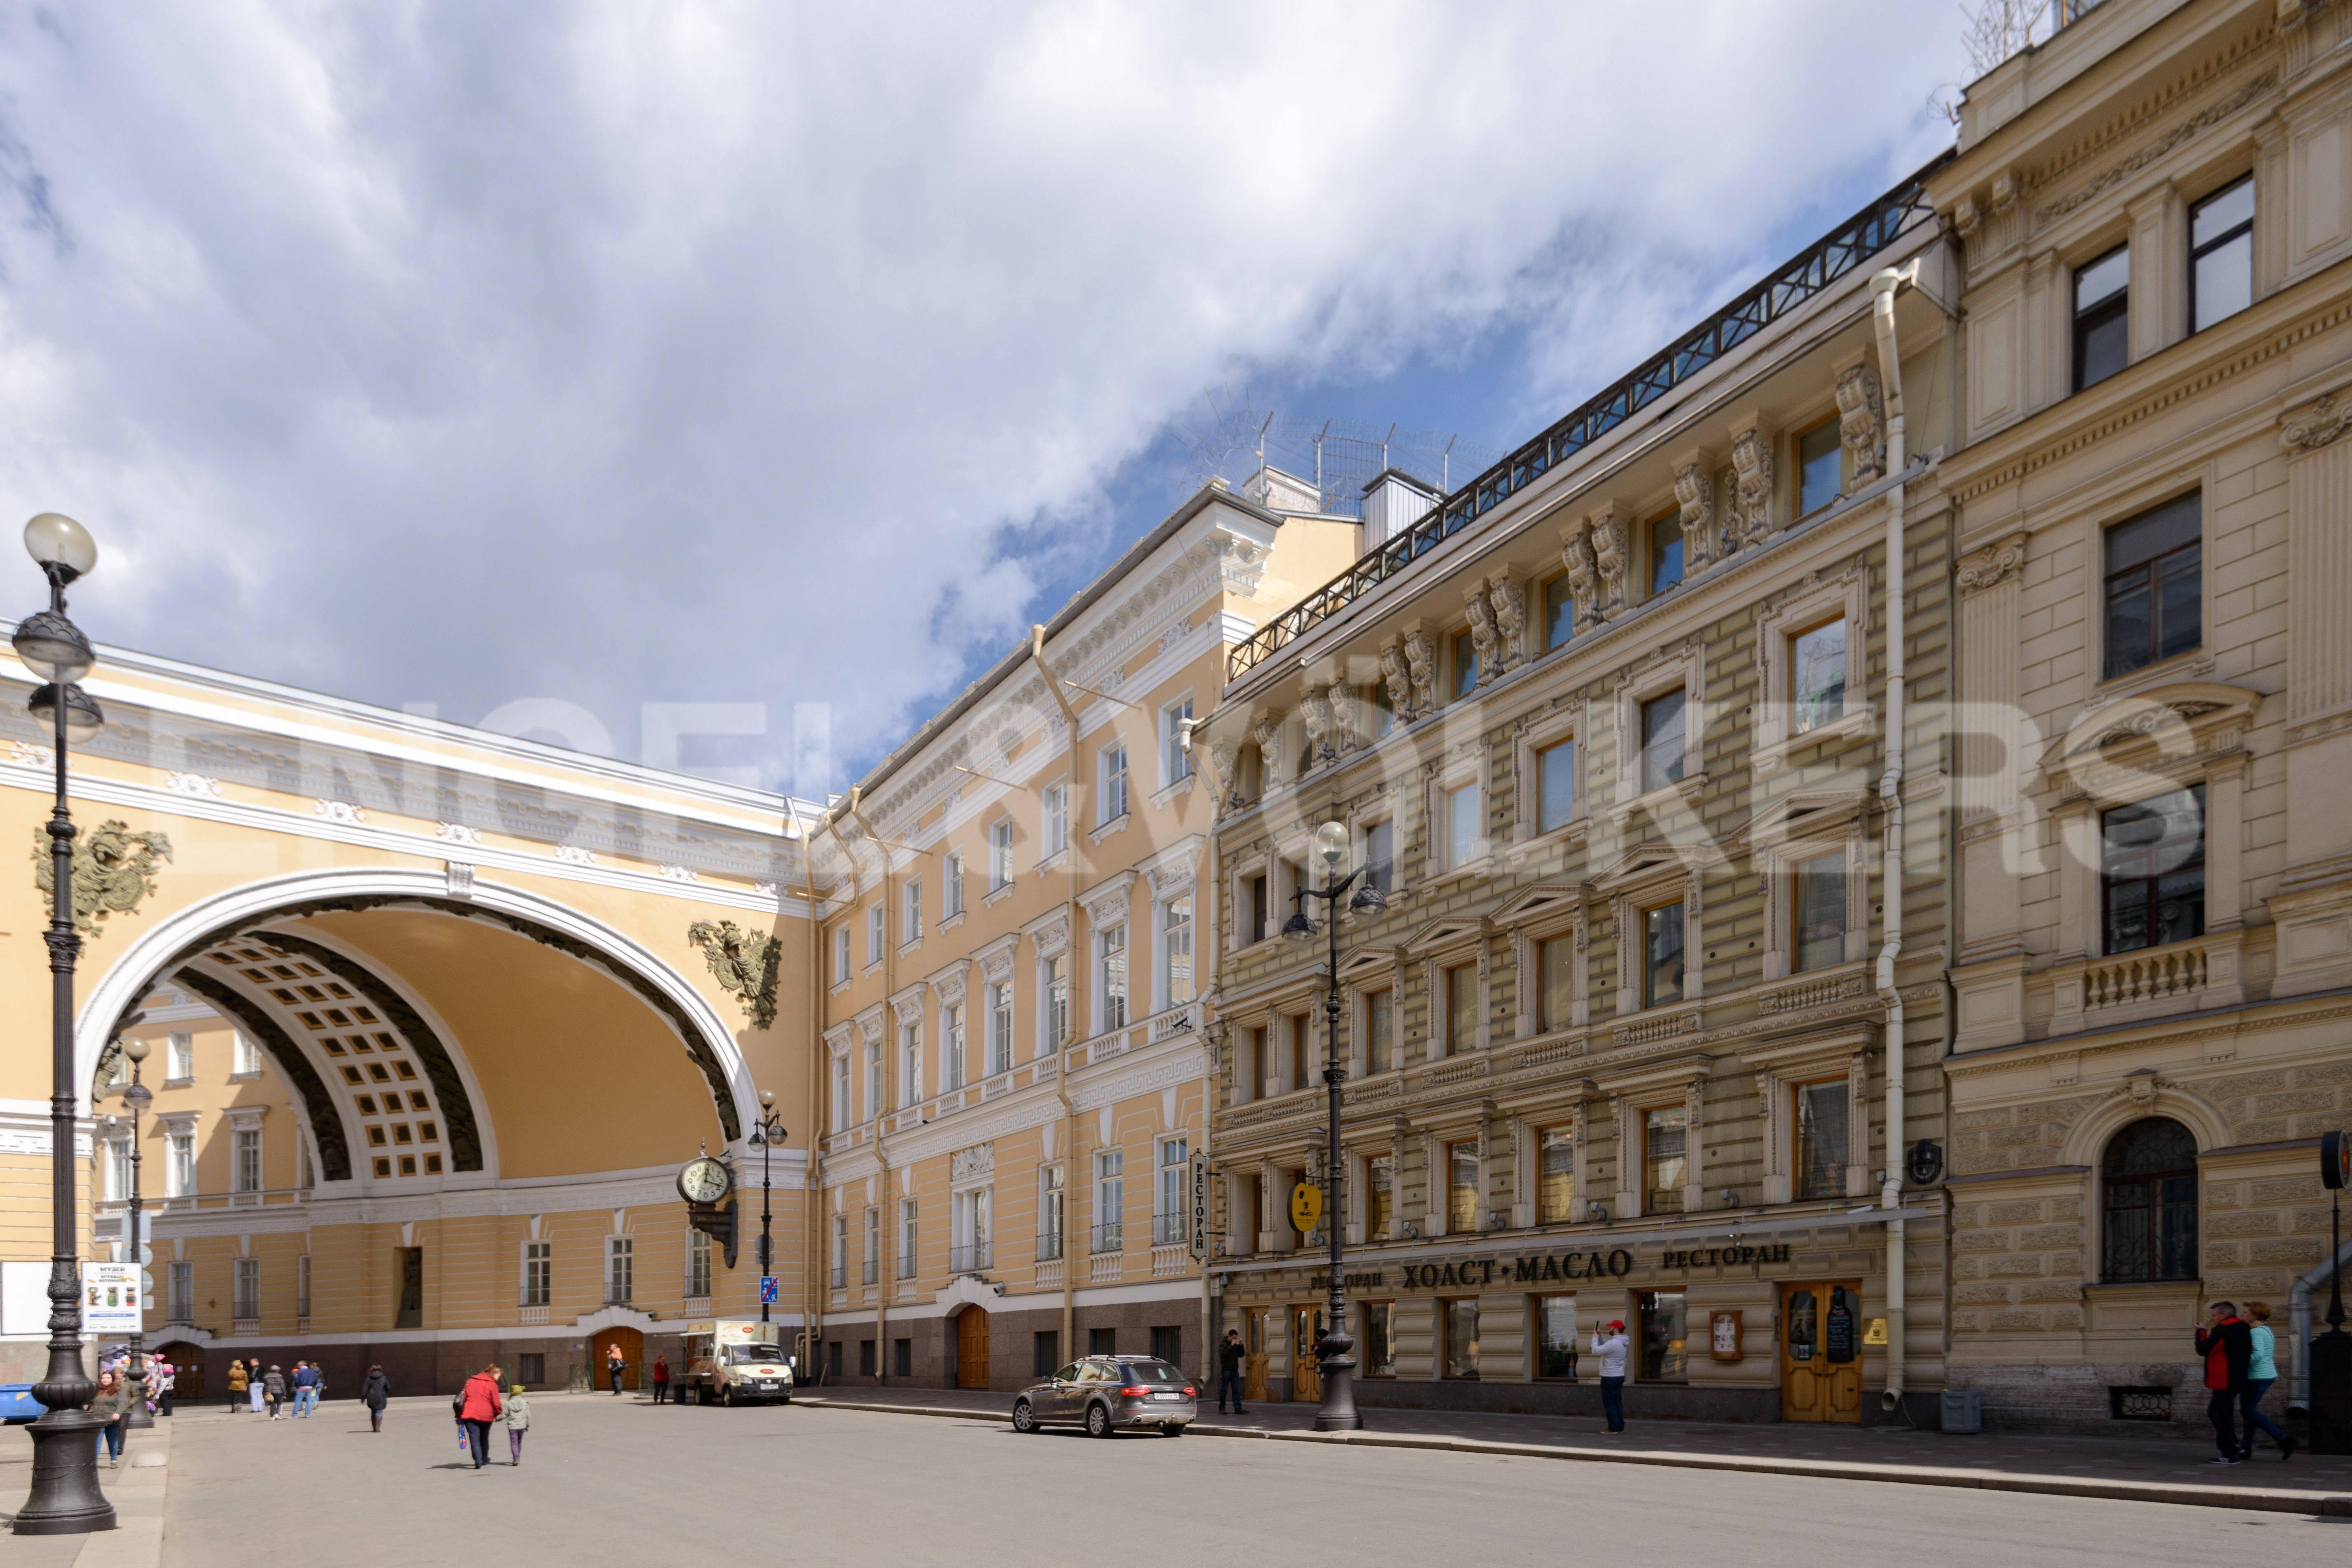 Элитные квартиры в Центральный р-н. Санкт-Петербург, Большая Морская, 4. Дом примыкает к Зданию Главного штаба